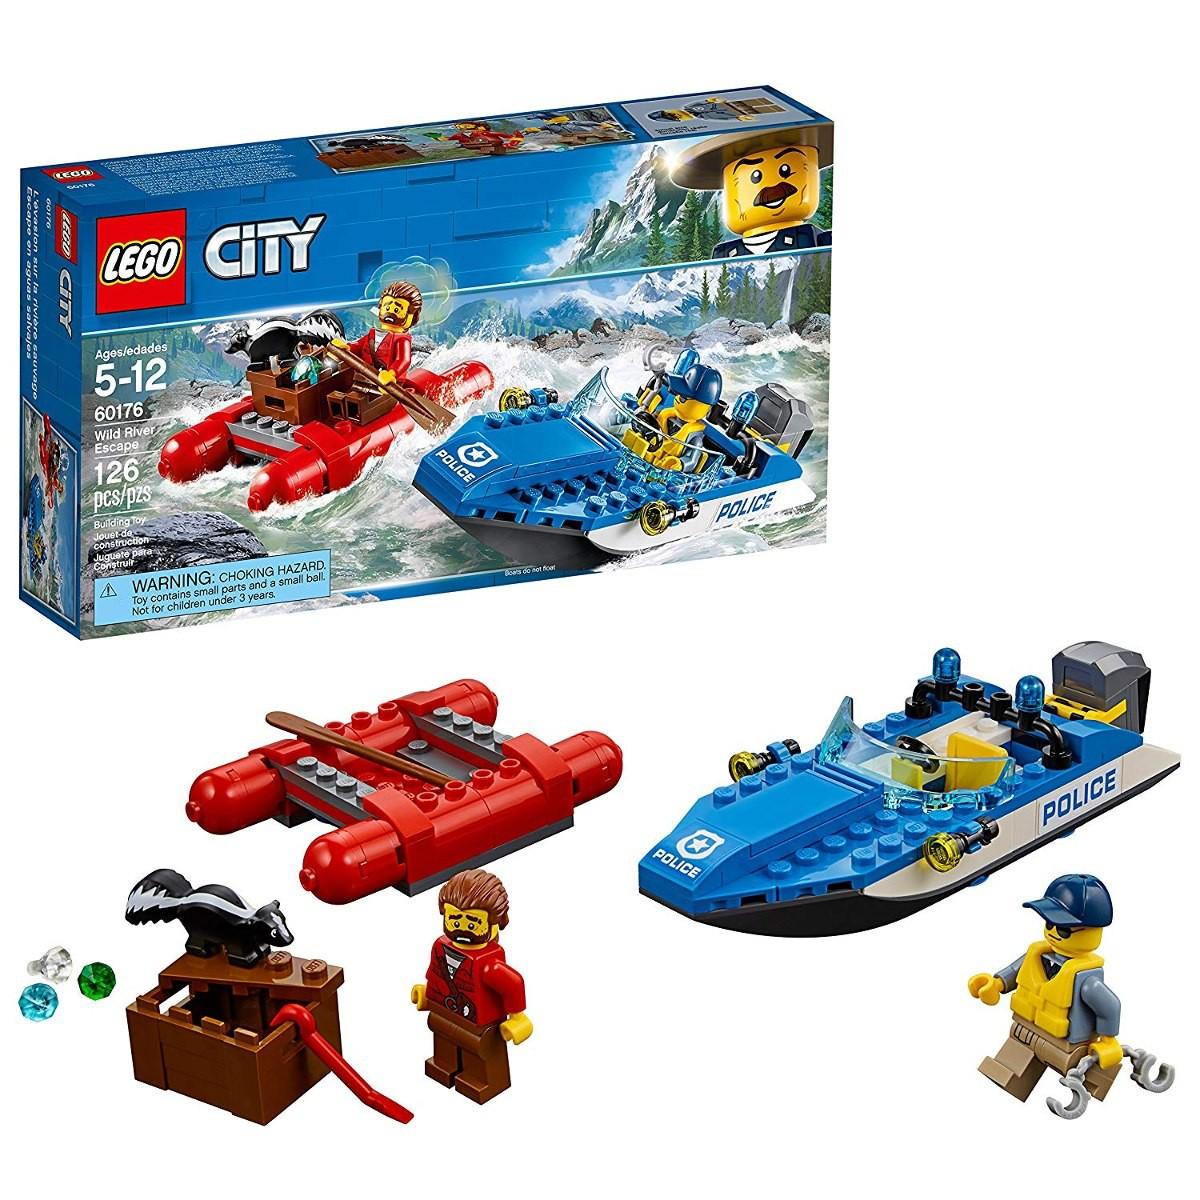 Lego City Fuga No Rio Furioso 126 Peças 60176